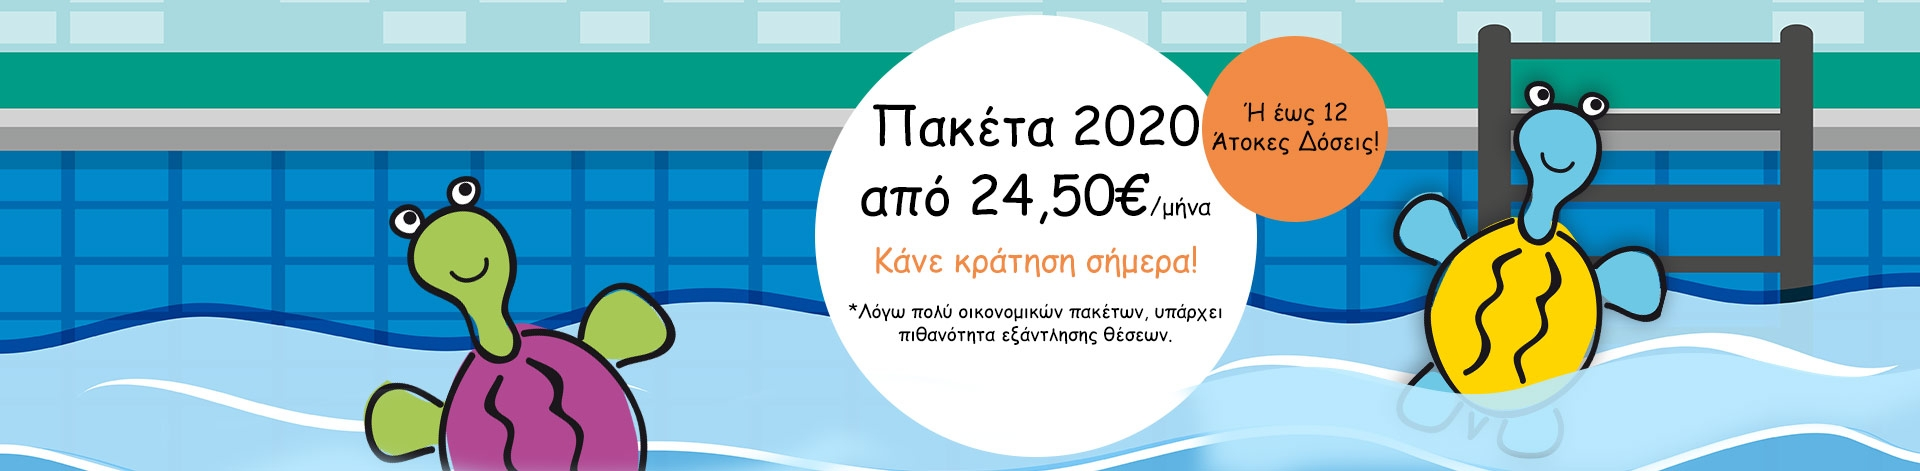 Προεγγραφές Σεπτεμβρίου 2020